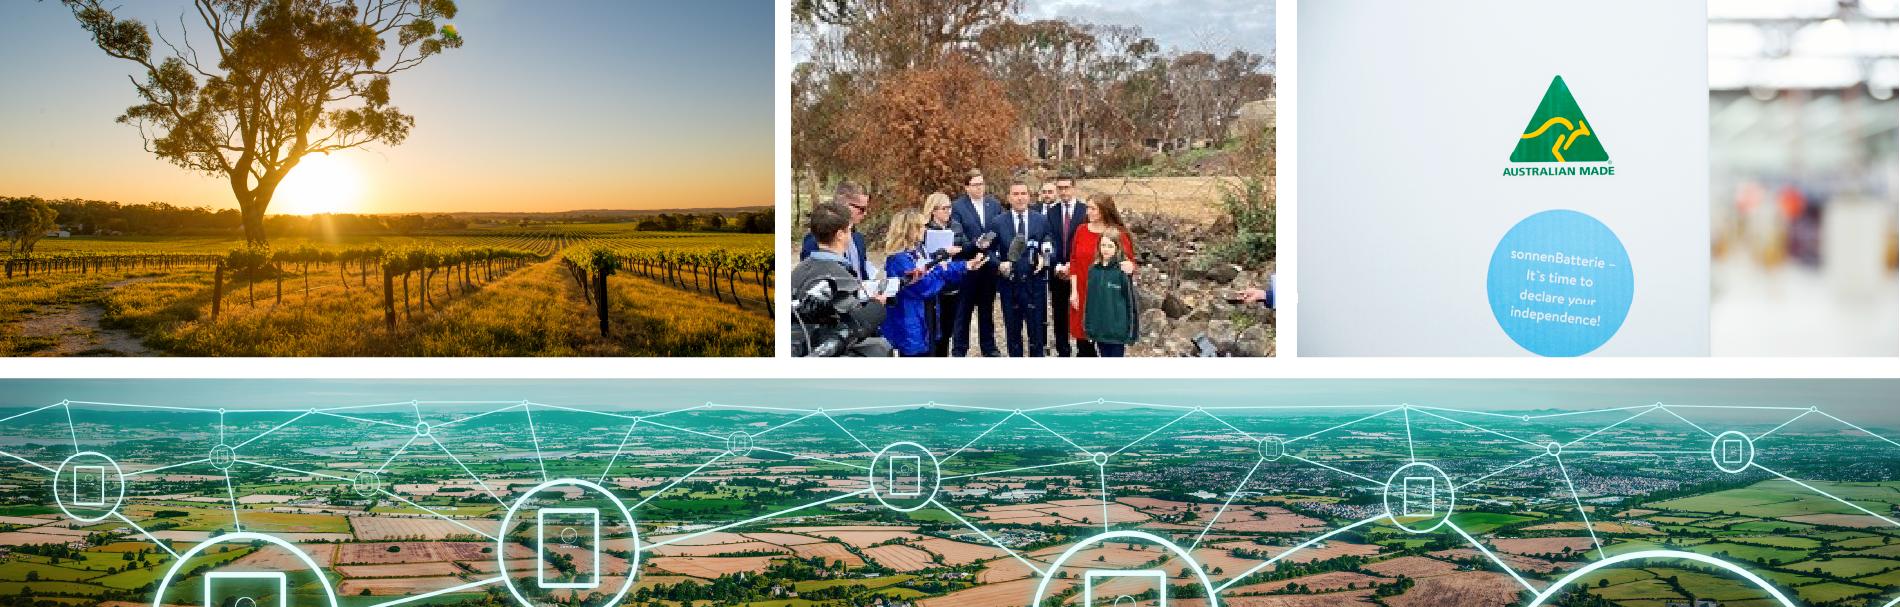 collage bushfire sonnen australia made